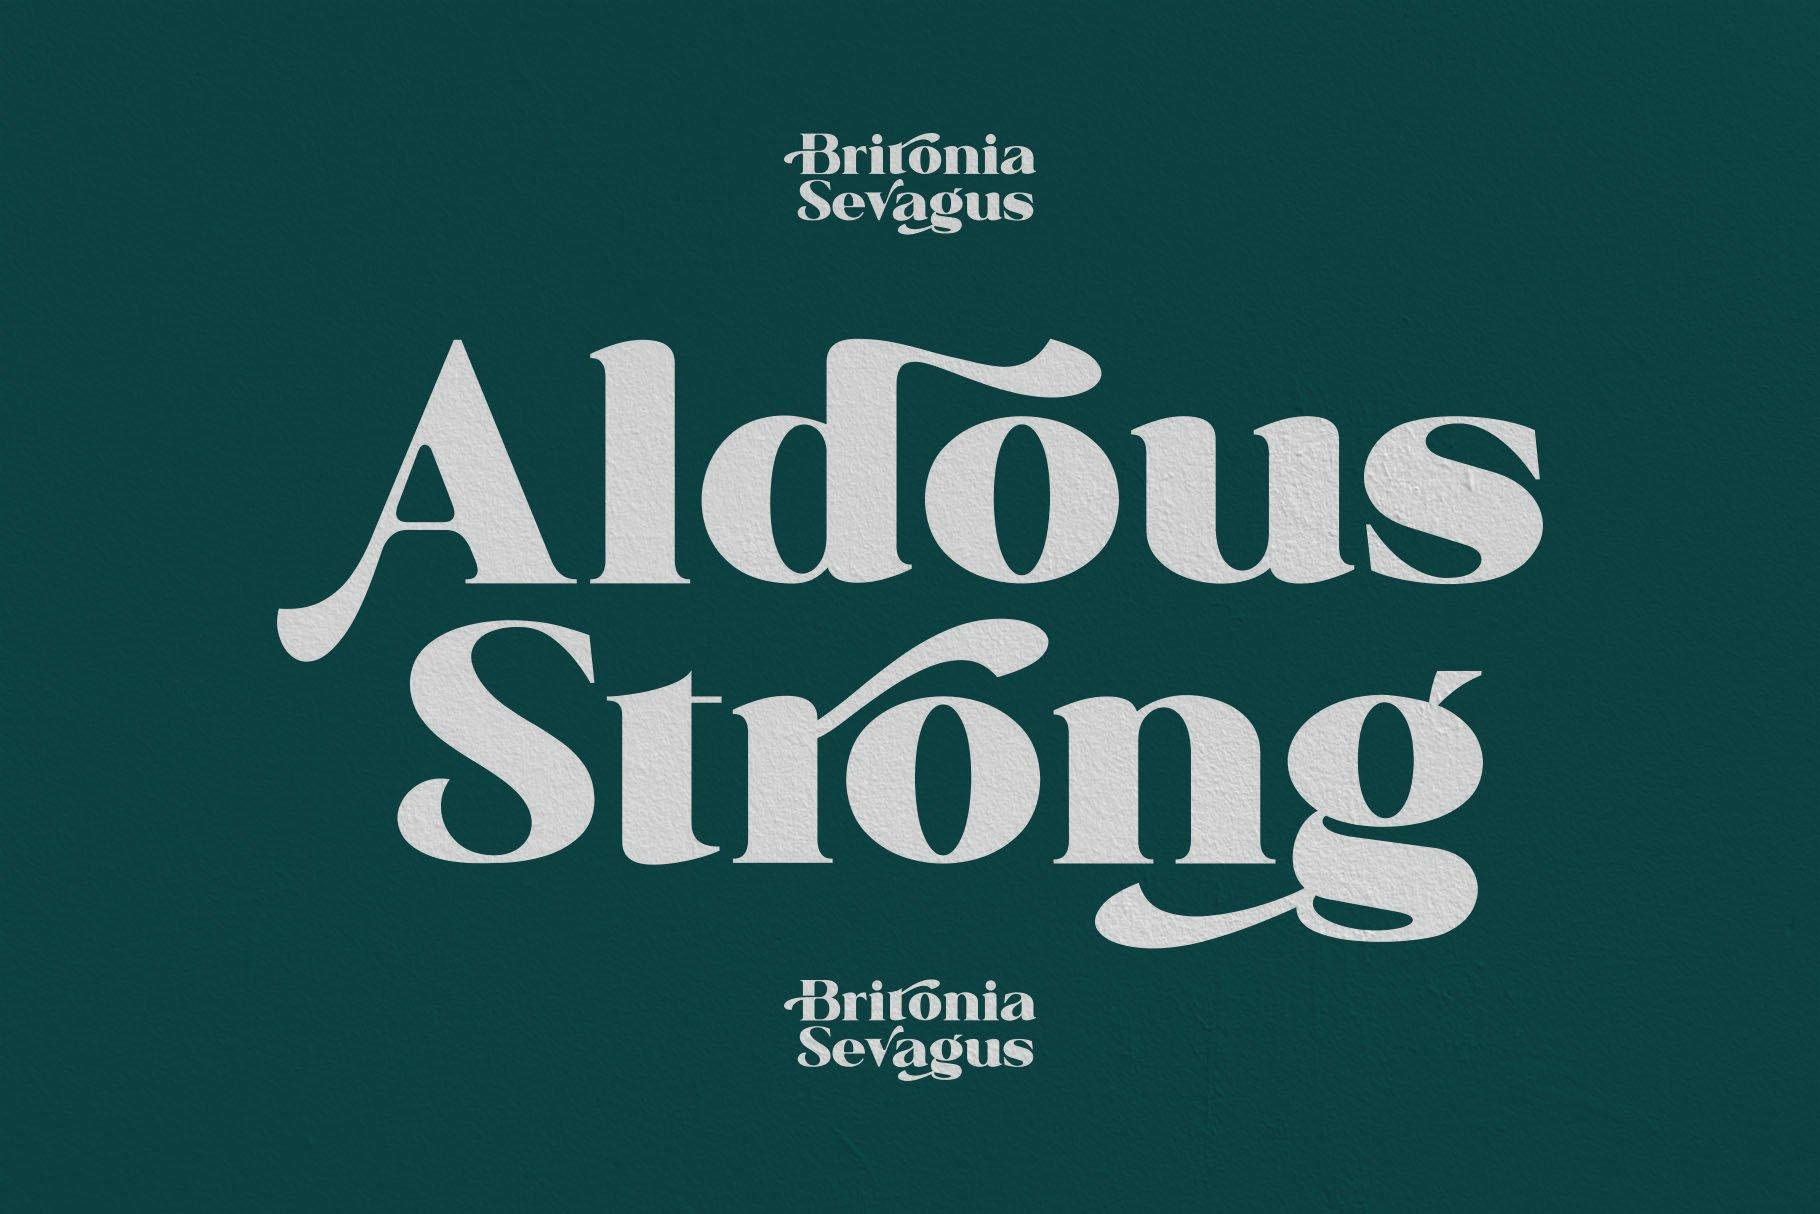 Britonia Sevagus example image 3